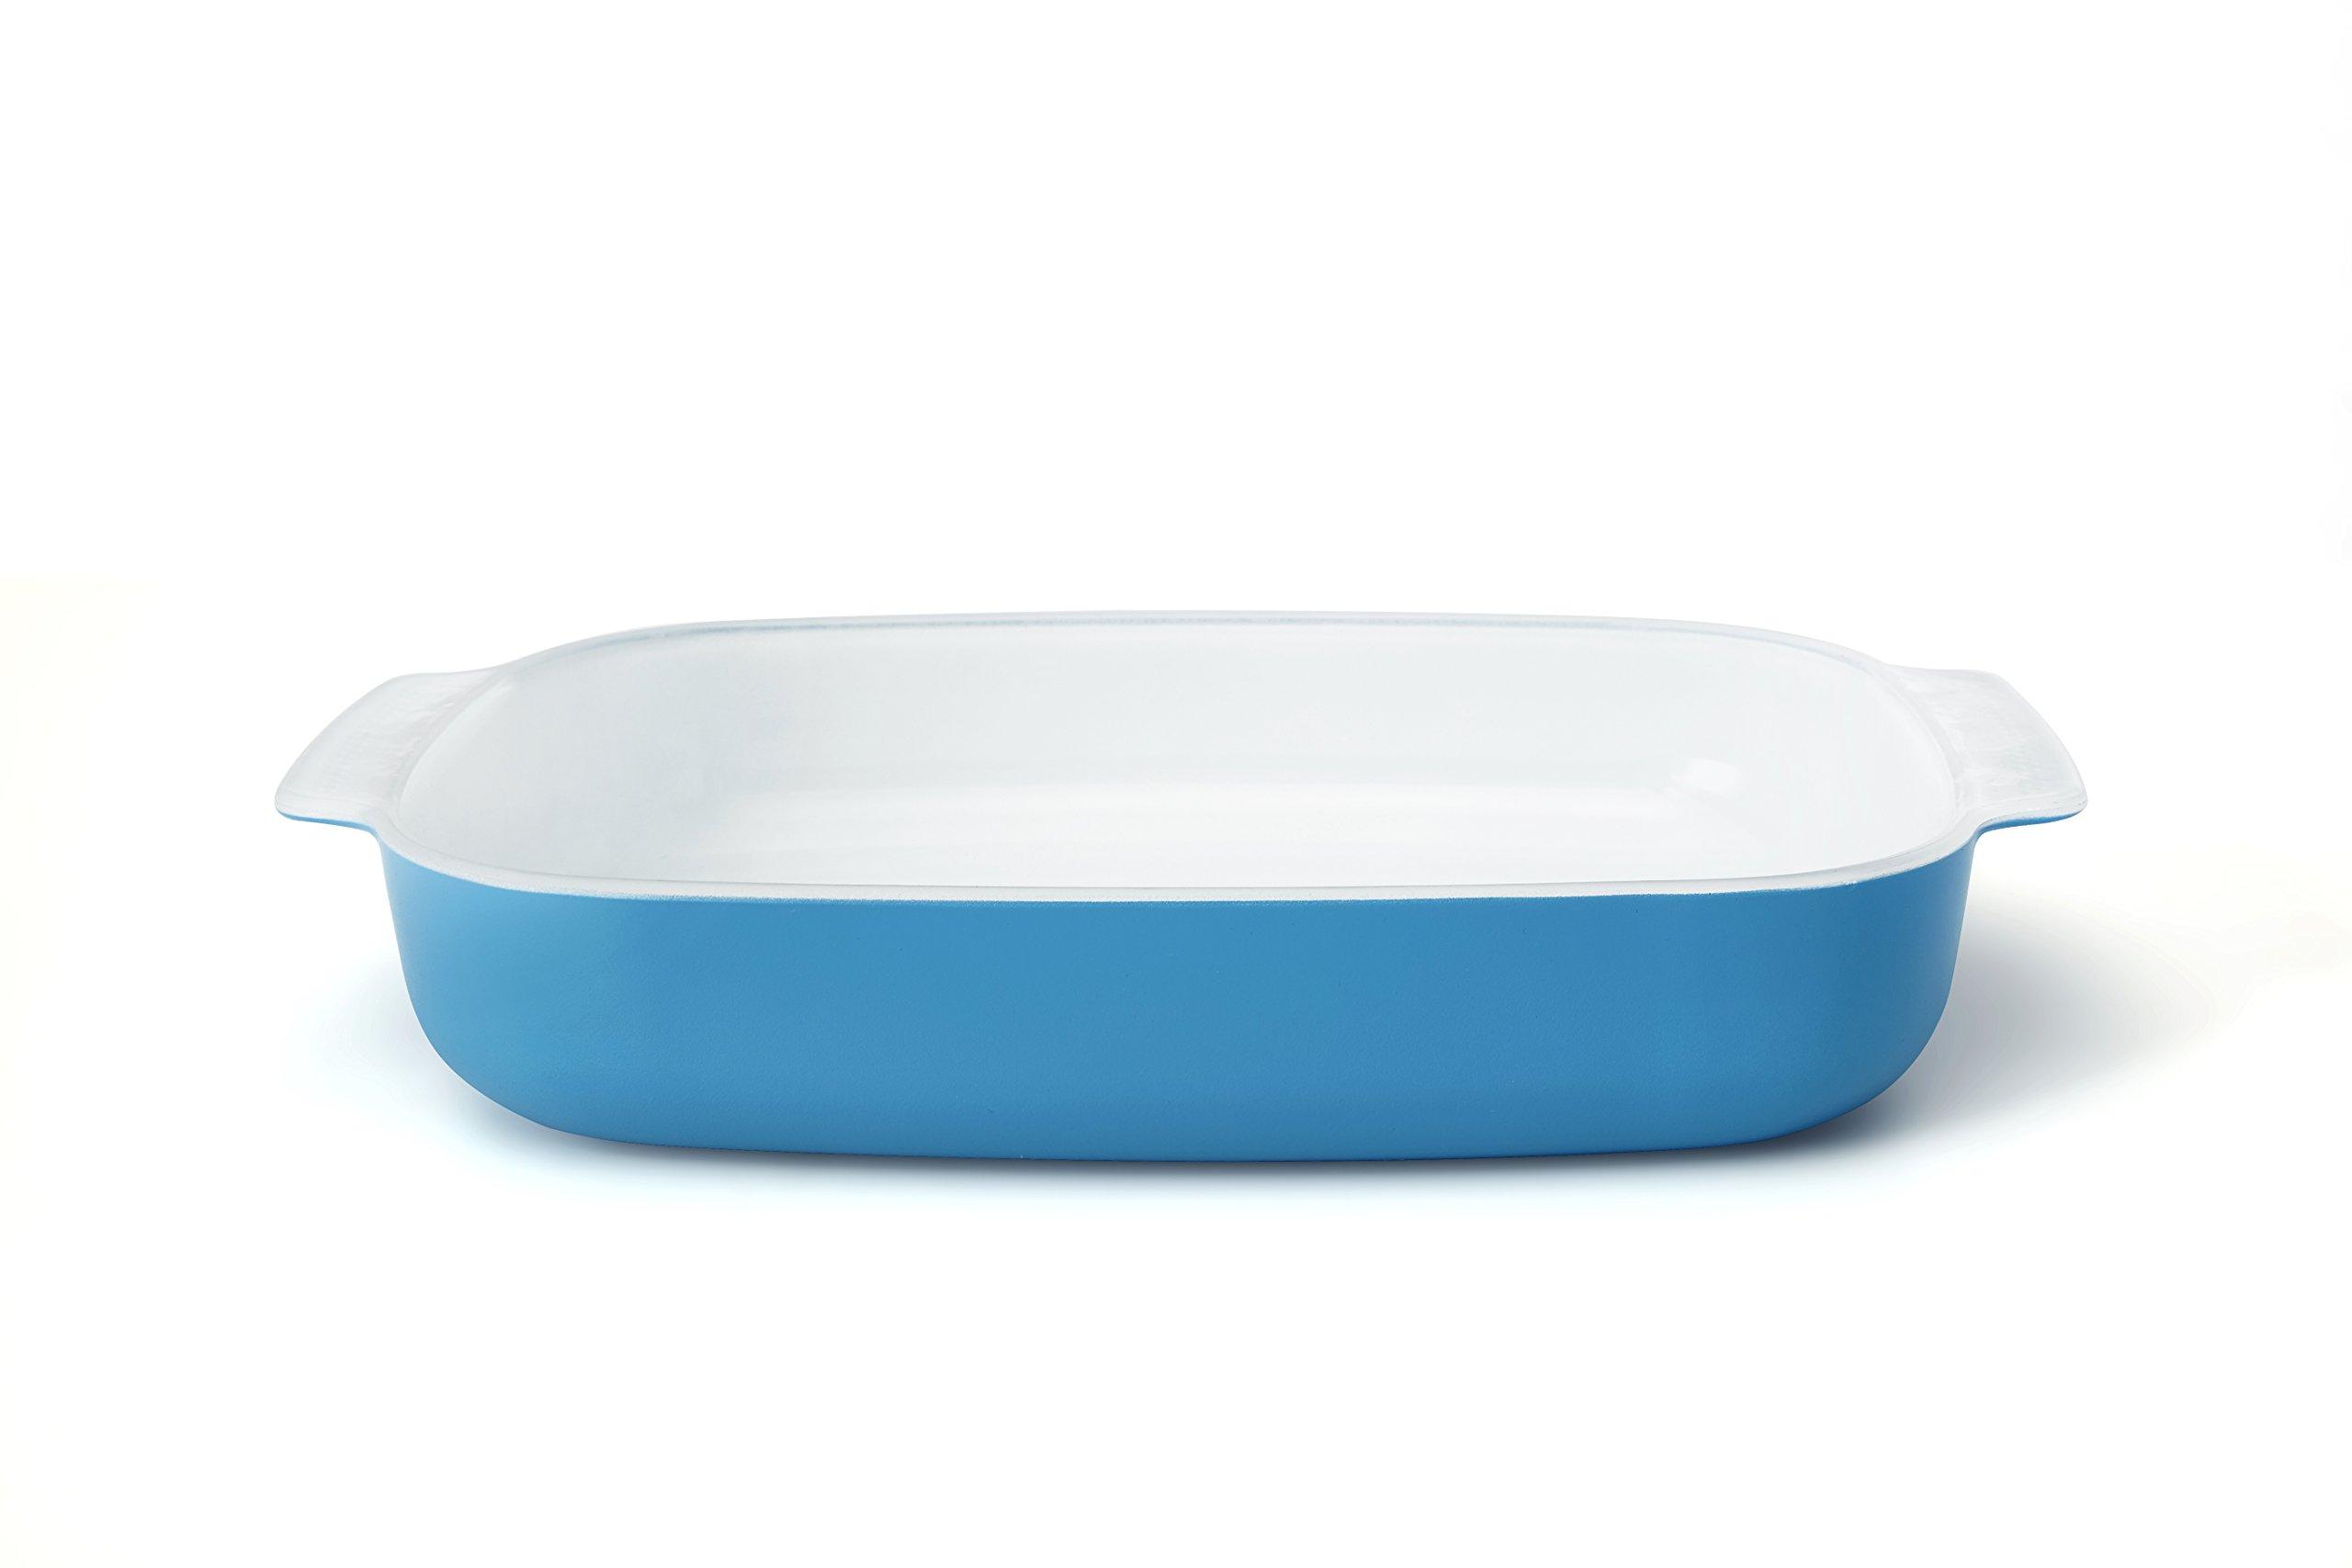 Creo SmartGlass Cookware, 3-quart Baking Dish, Mediterranean Blue